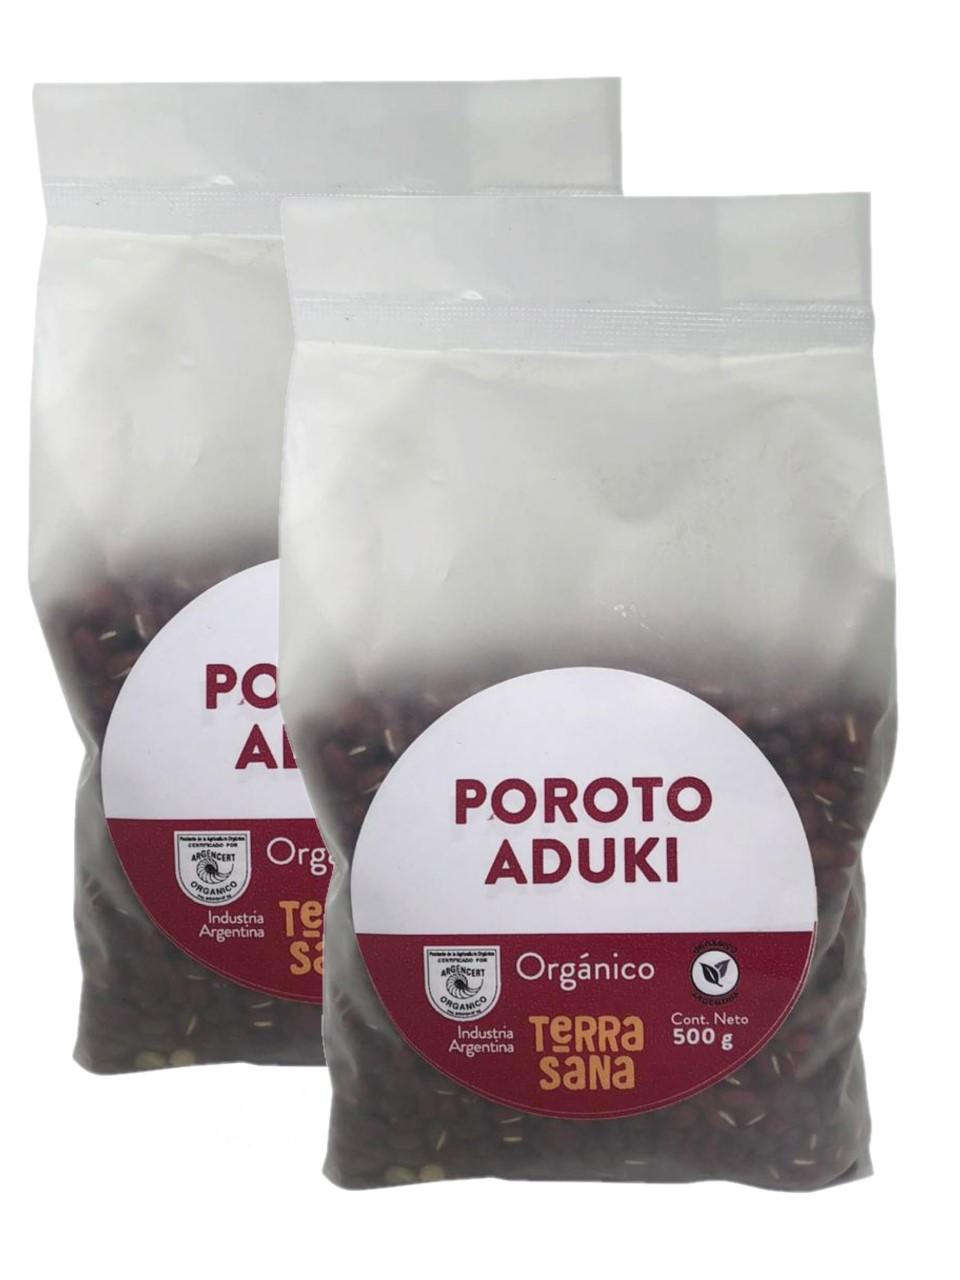 PROMO! 2X1 Poroto aduki